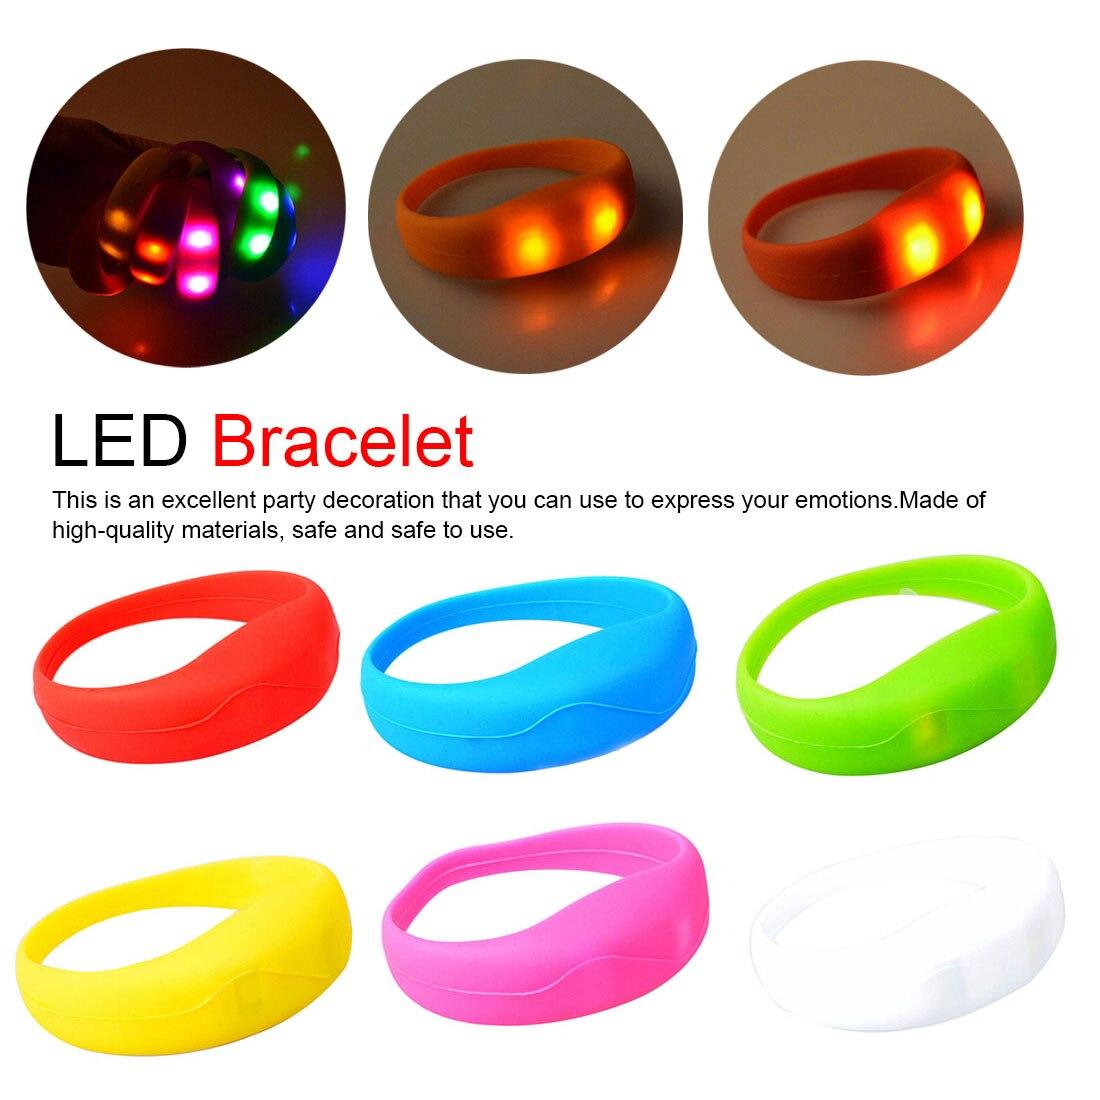 Orange Light Up LED Bracelet Flashing Glow Wrist Band Voice Blinking Party UK